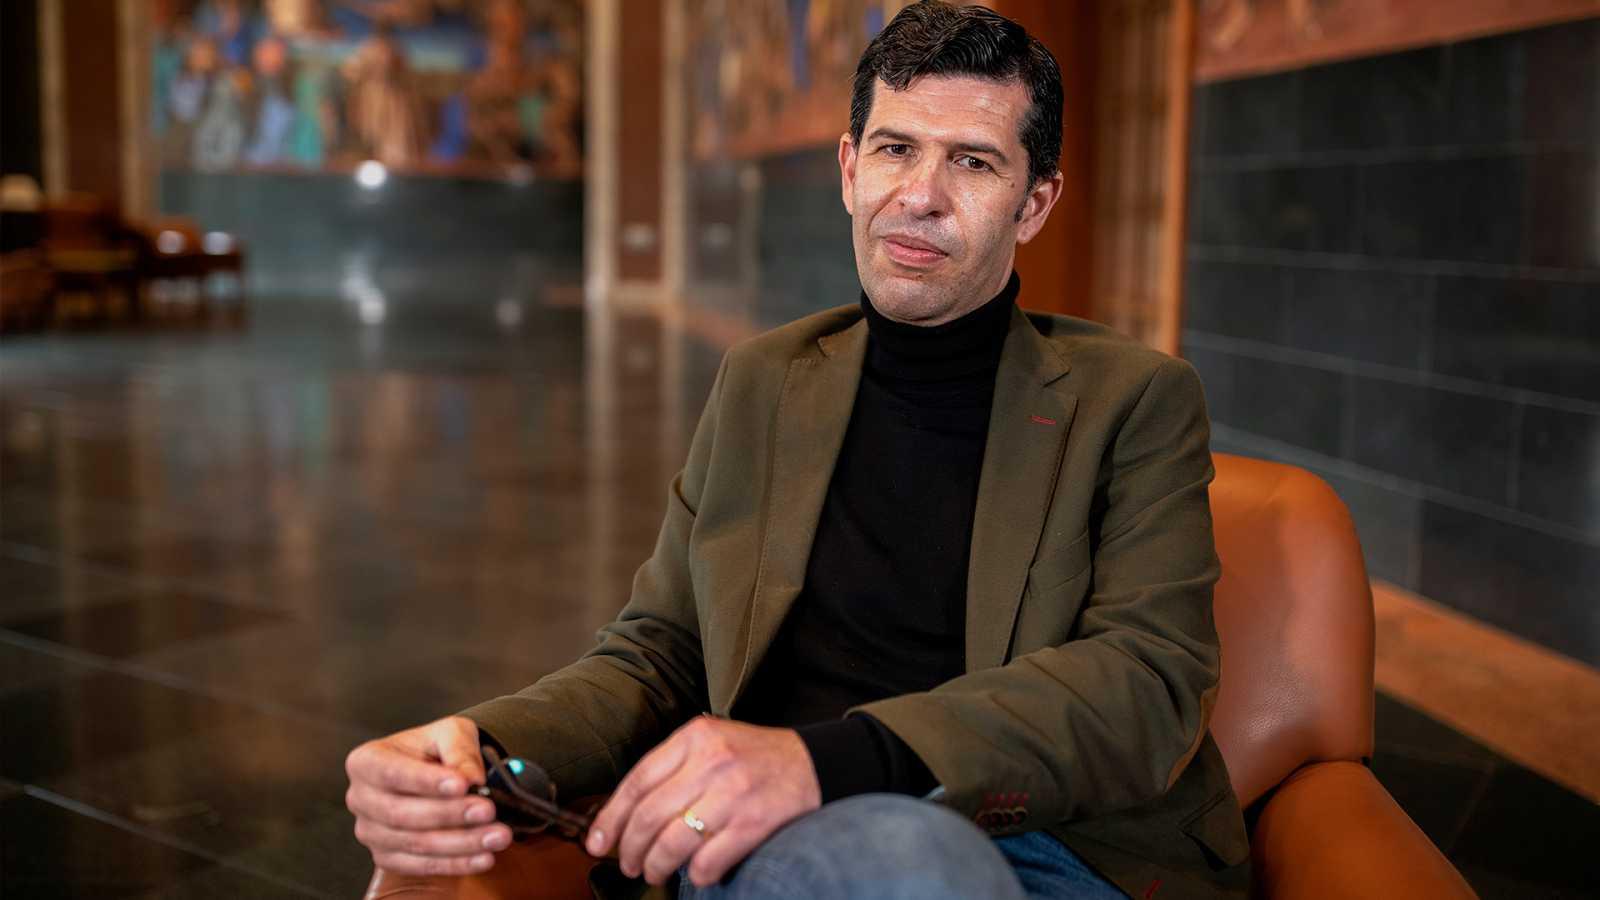 Página Dos - Eduardo Infante, profesor de Filosofía, nos habla de los libros 'Filosofía en la calle' y 'No me tapes el sol'